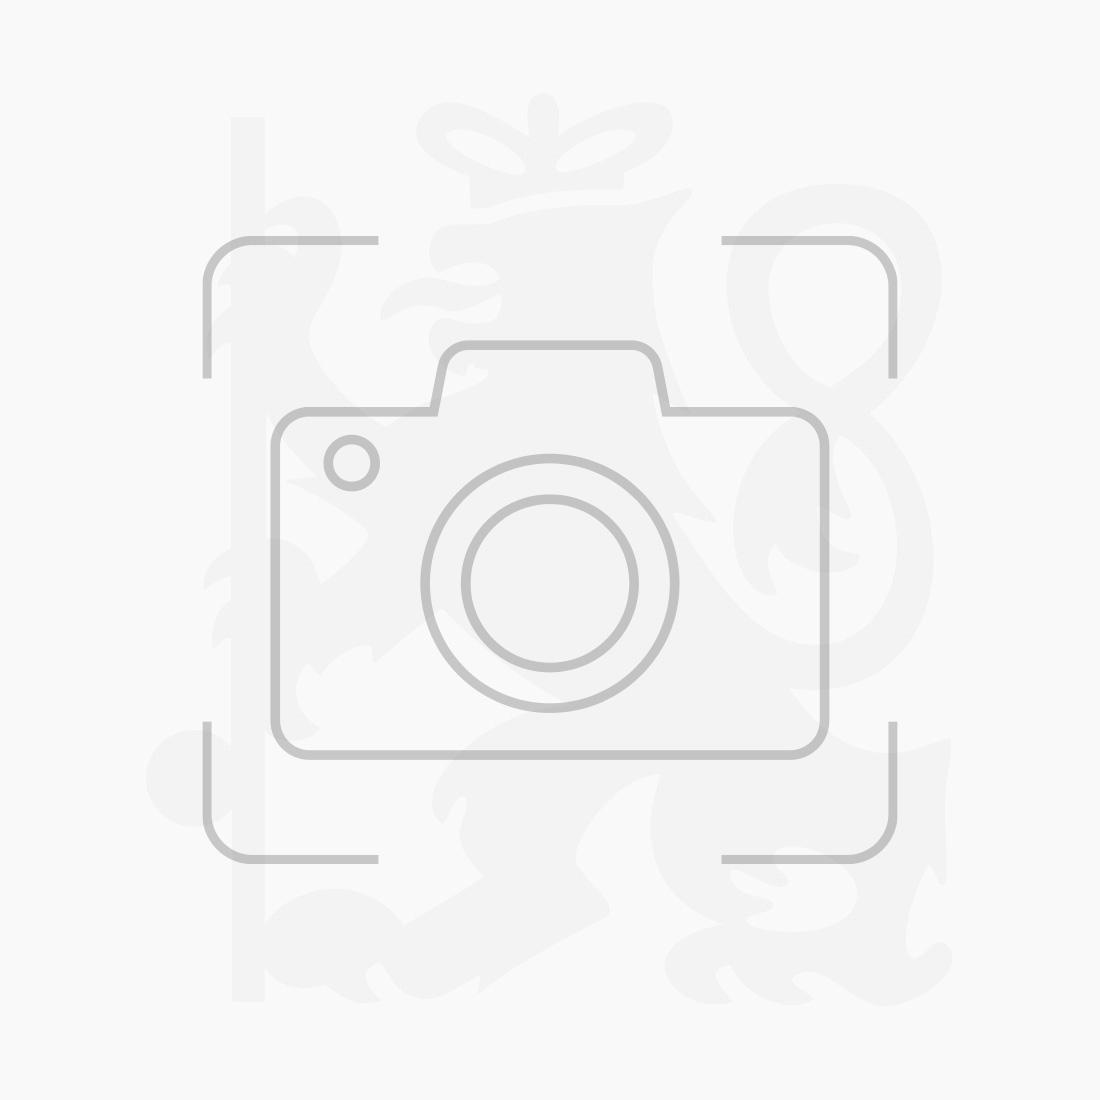 ANNEAU DE POINTE POUR CANNE MOUCHE, ANGLAISE ET BOLOGNAISE LFR X5